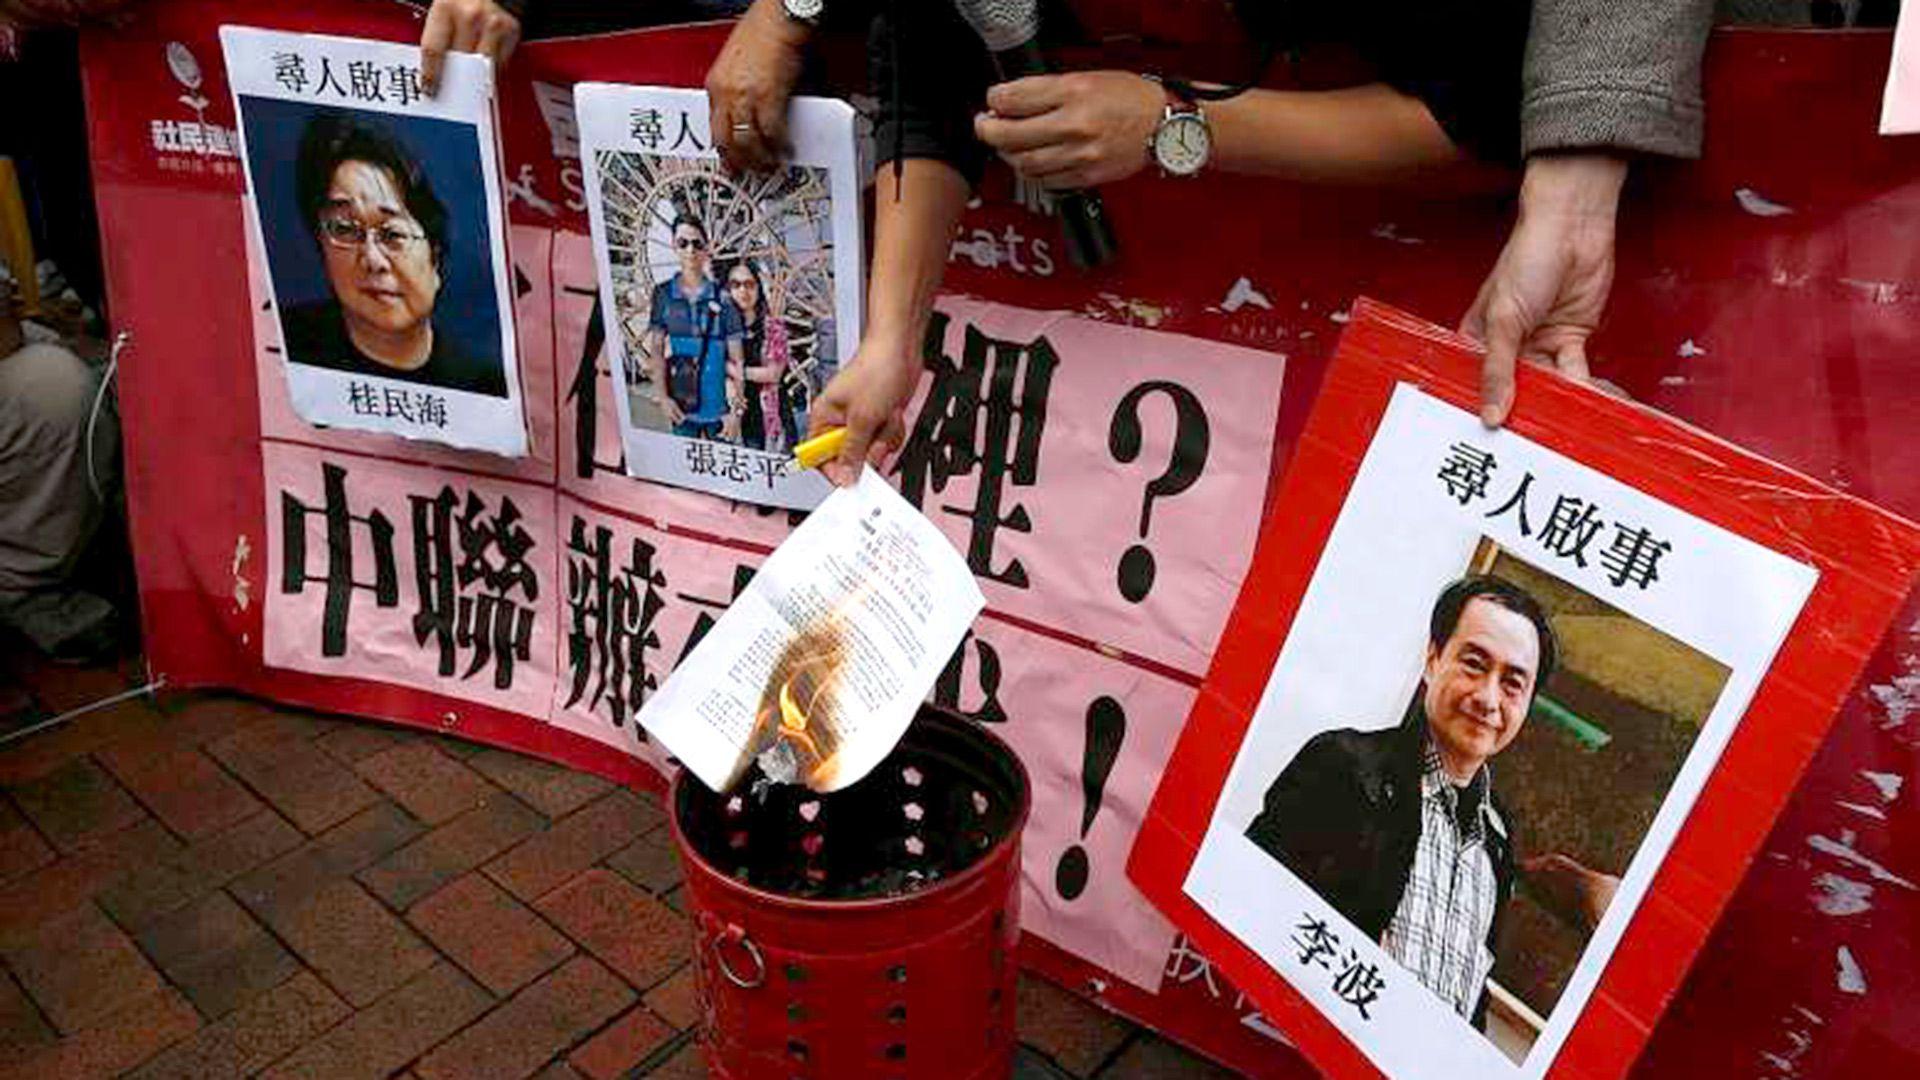 En Hong Kong se realizaron muchas protestas por la detención de los editores de Mighty Current Media, incluidos Gui Minhai, Zhang Zhiping y Lee Bo. (REUTERS)